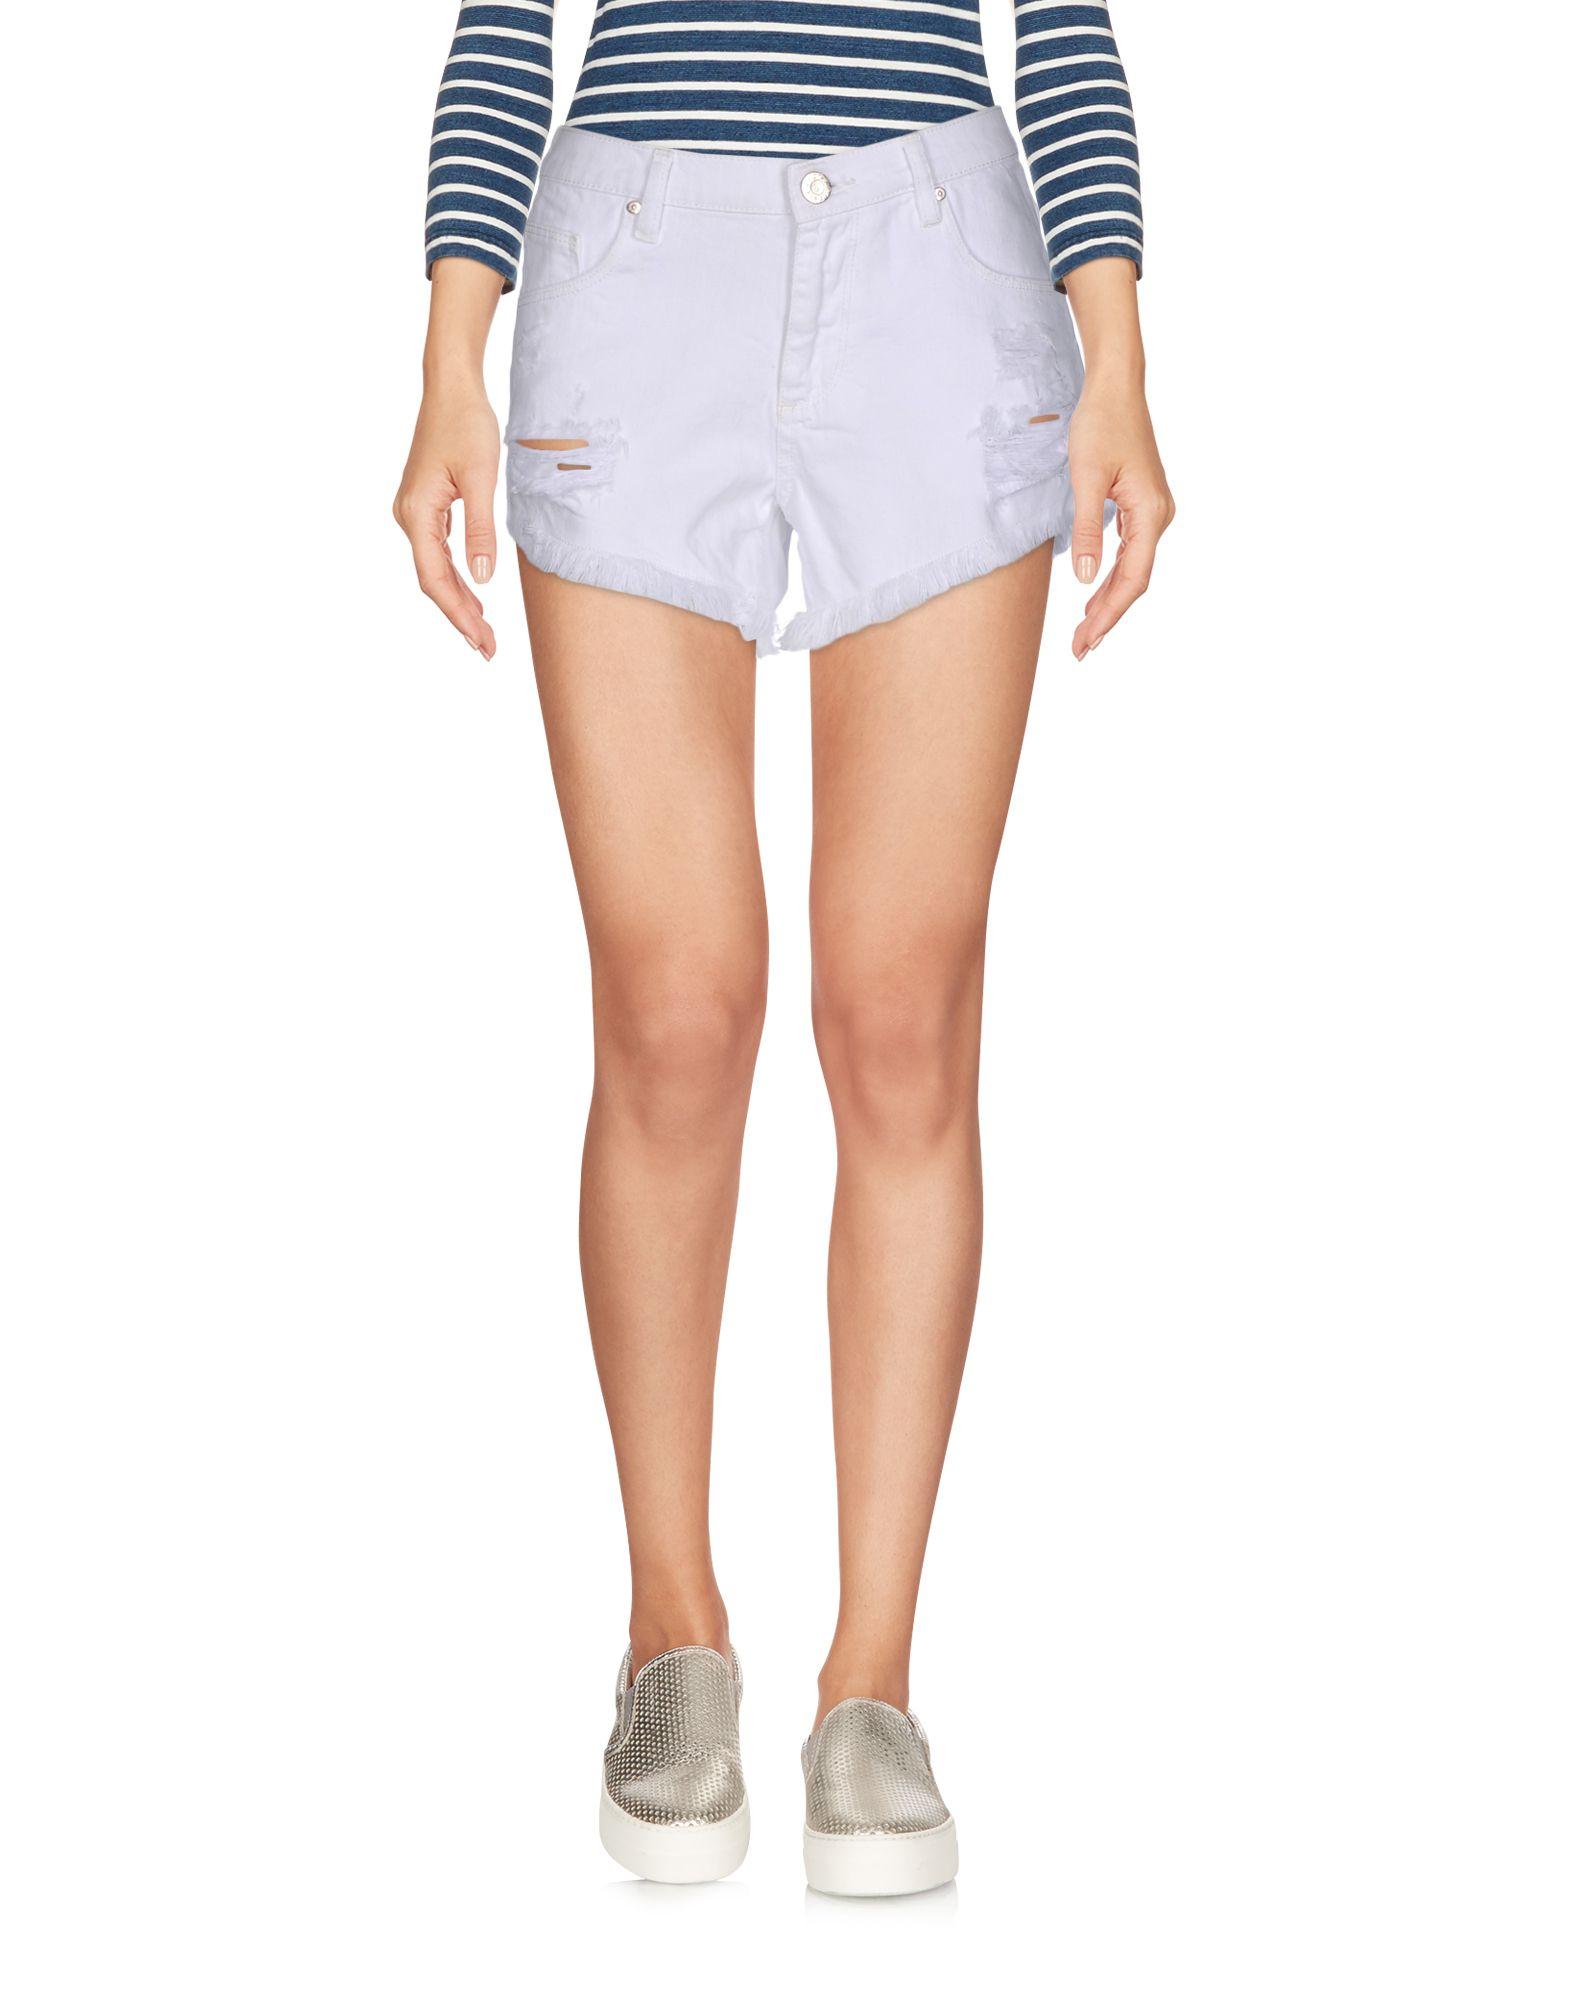 ZOE KARSSEN Джинсовые шорты superfine джинсовые шорты